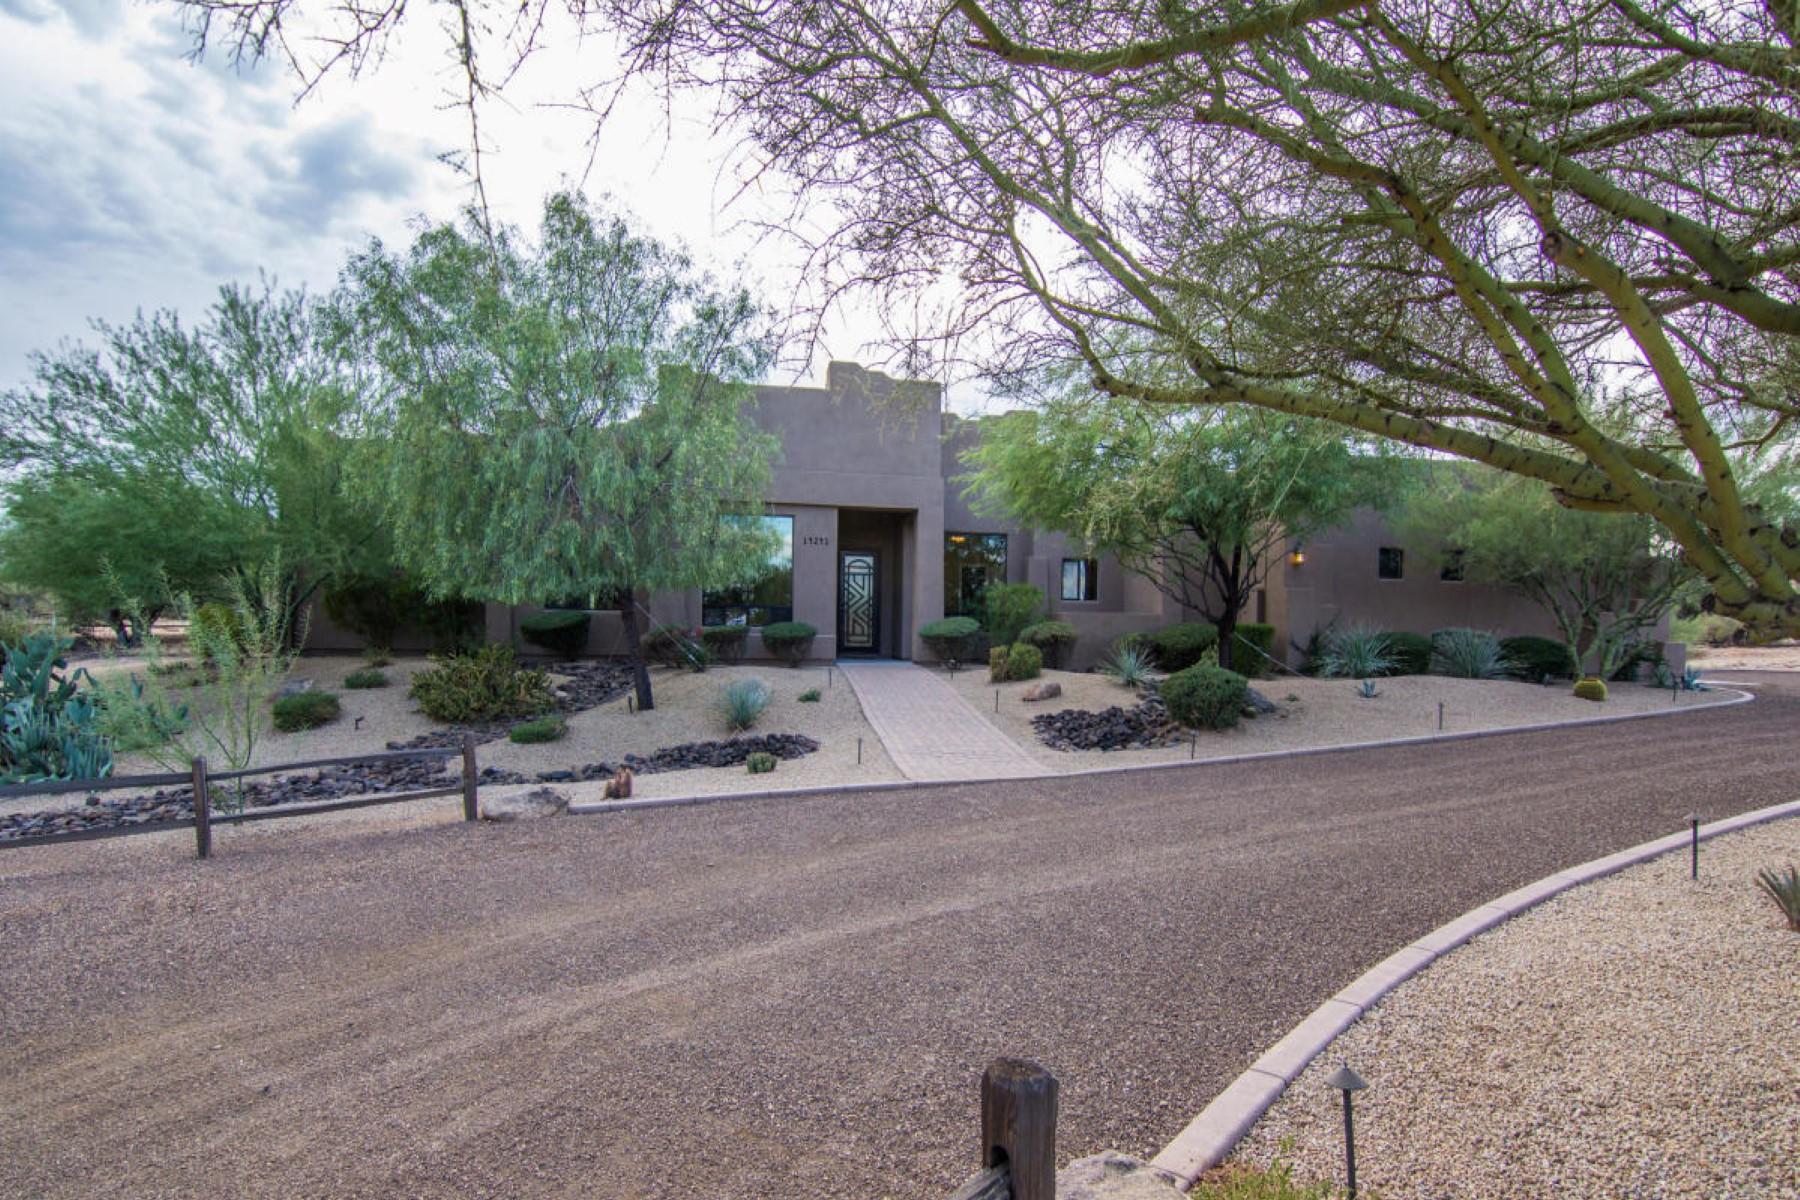 Частный односемейный дом для того Продажа на Impeccably maintained home with fabulous 14241 E Bajada Dr Scottsdale, Аризона, 85262 Соединенные Штаты